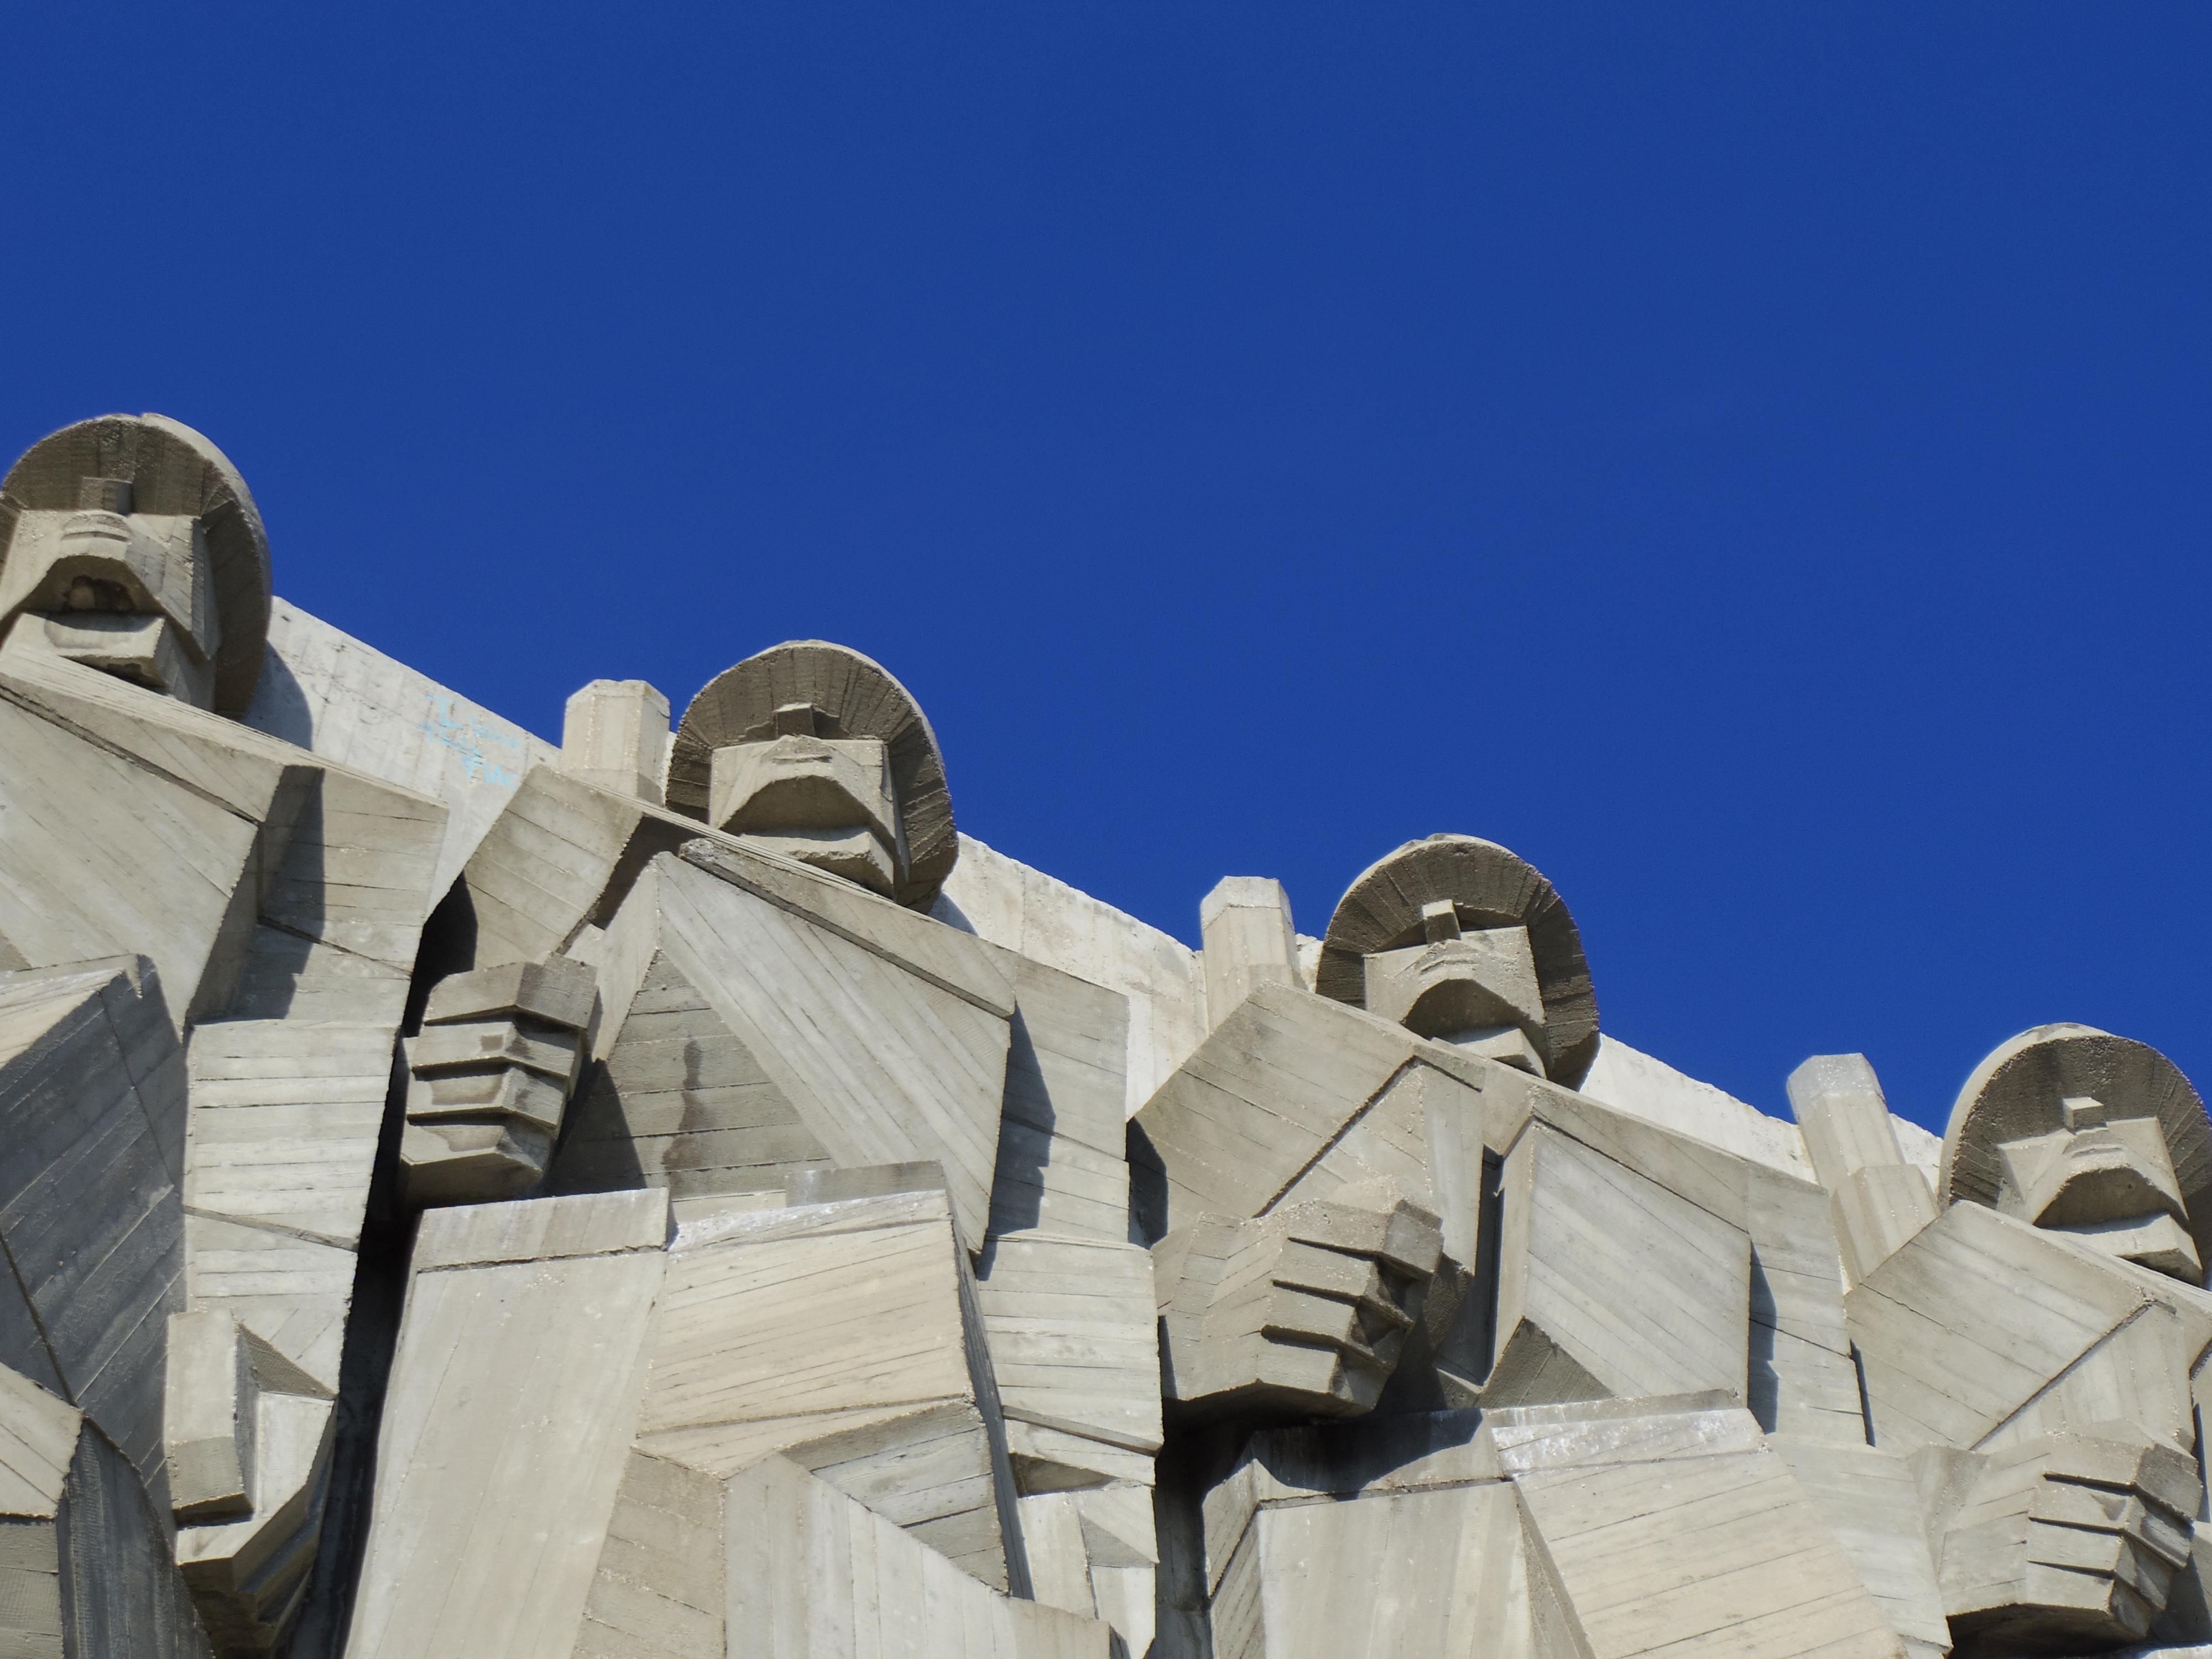 ヴァルナ観光!ソビエト友好記念館に行ってみた。社会主義時代の建物ってヘンなのばっか。